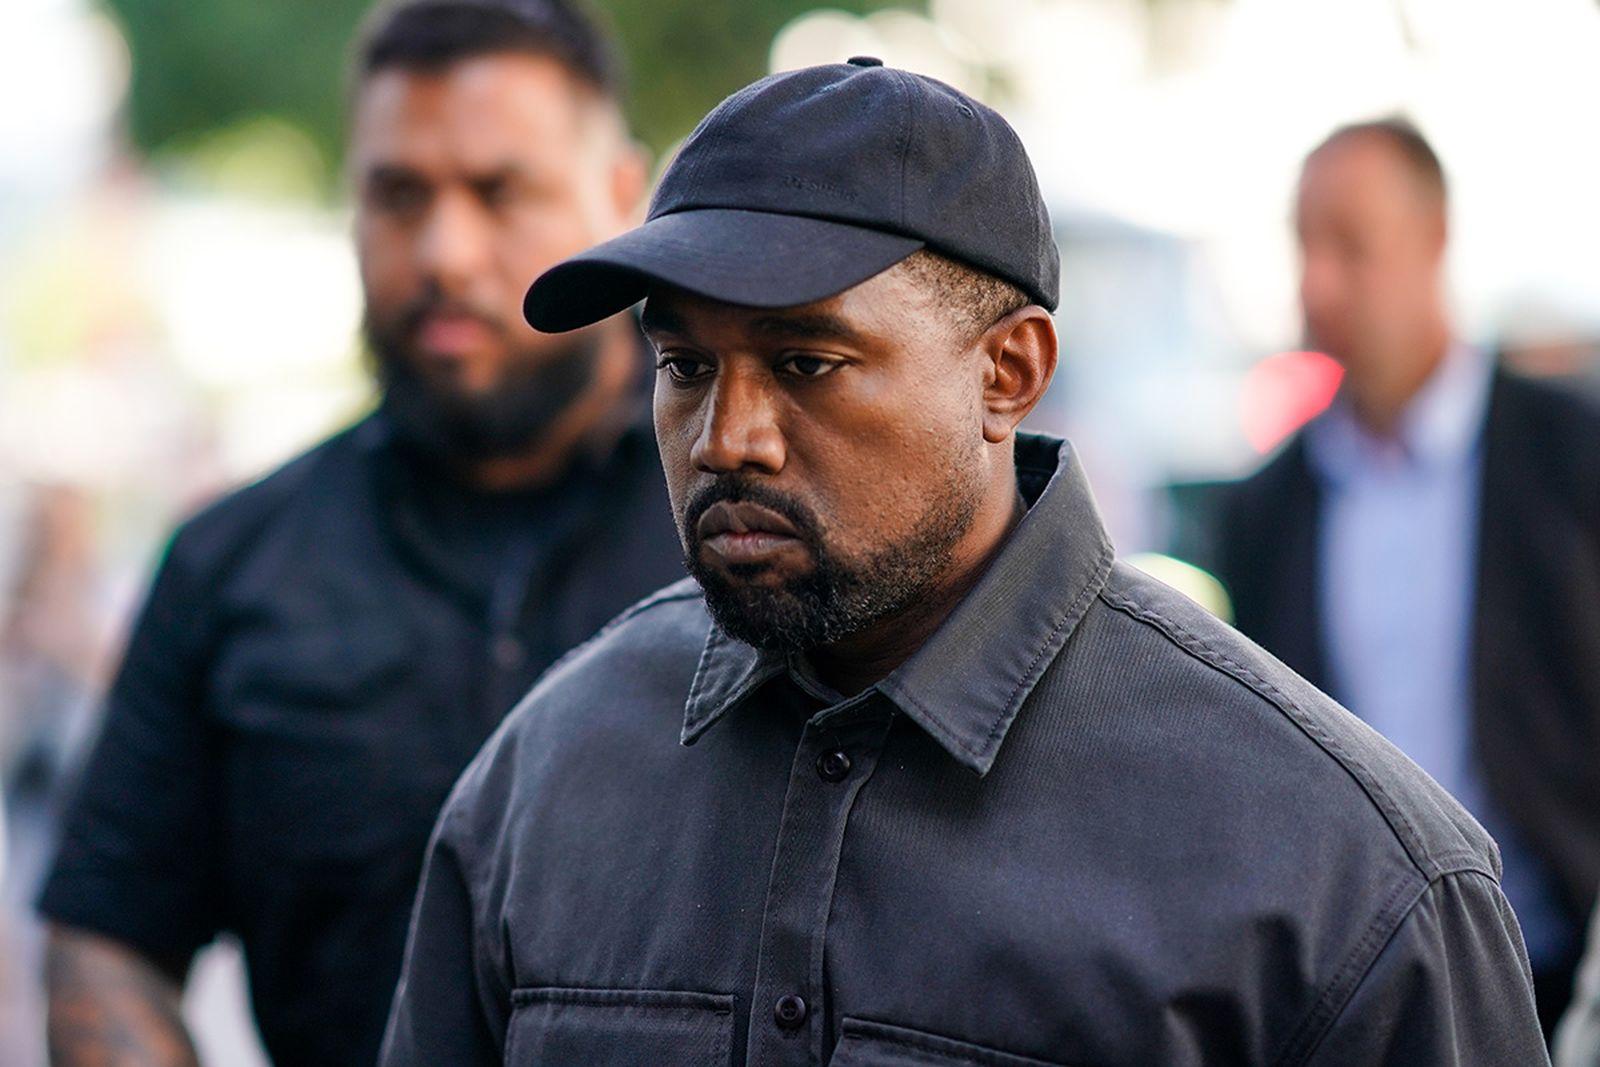 Kanye West black cap and jacket